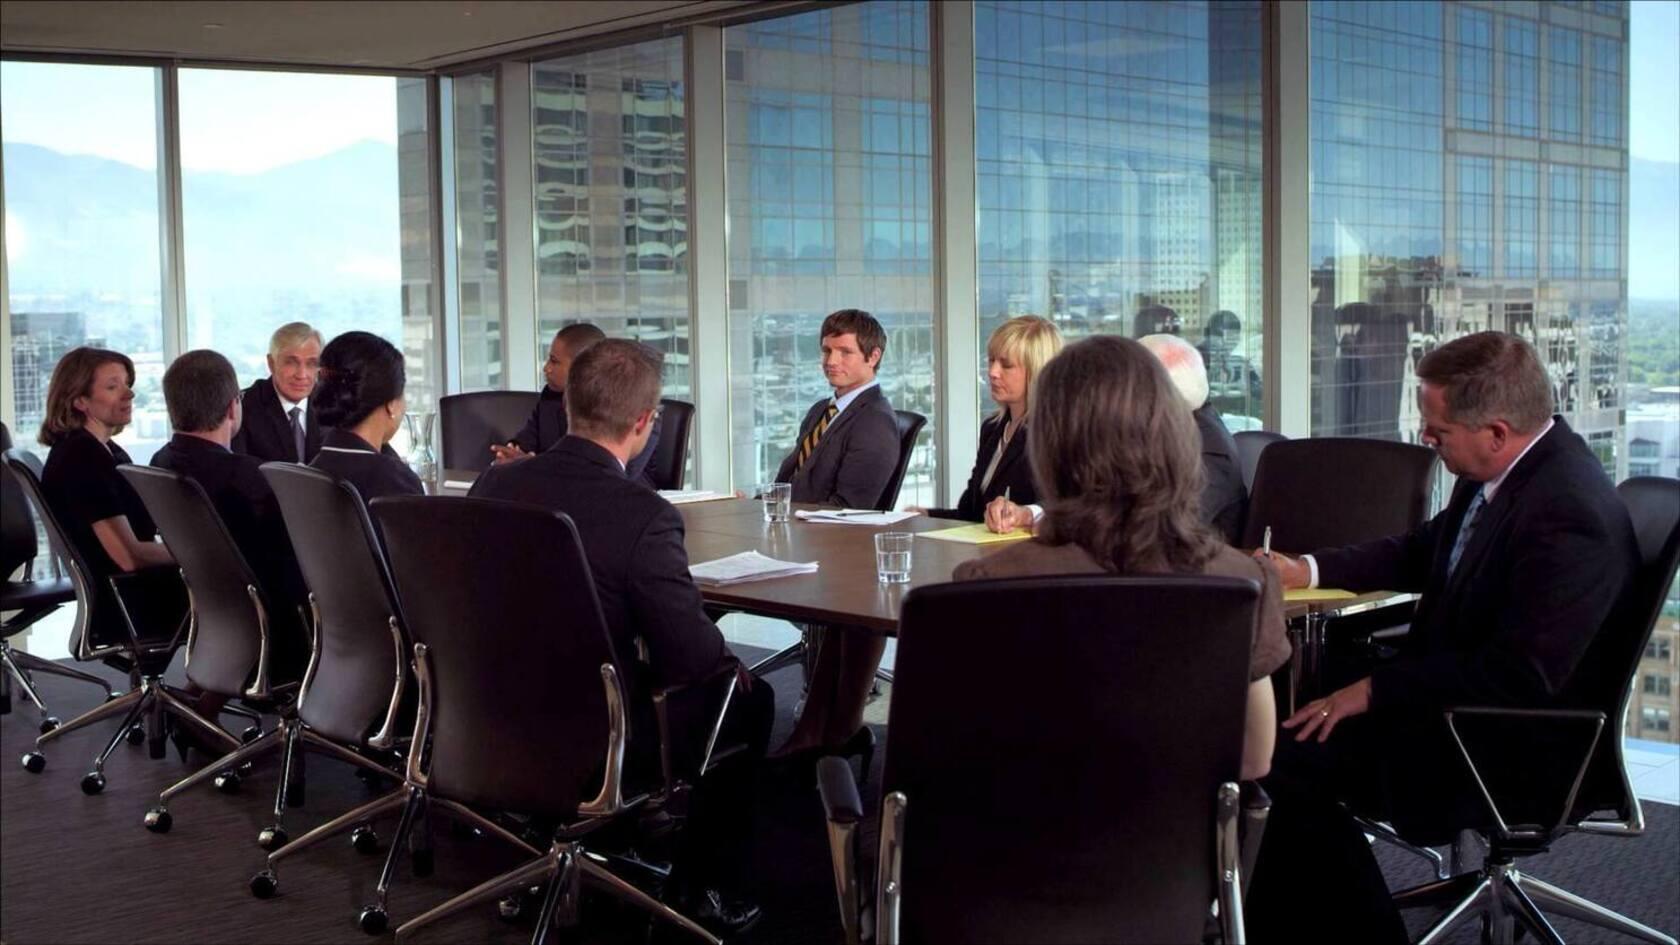 Comunicate efectivamente con los colaboradores de tu negocio para mejorar sus productividad